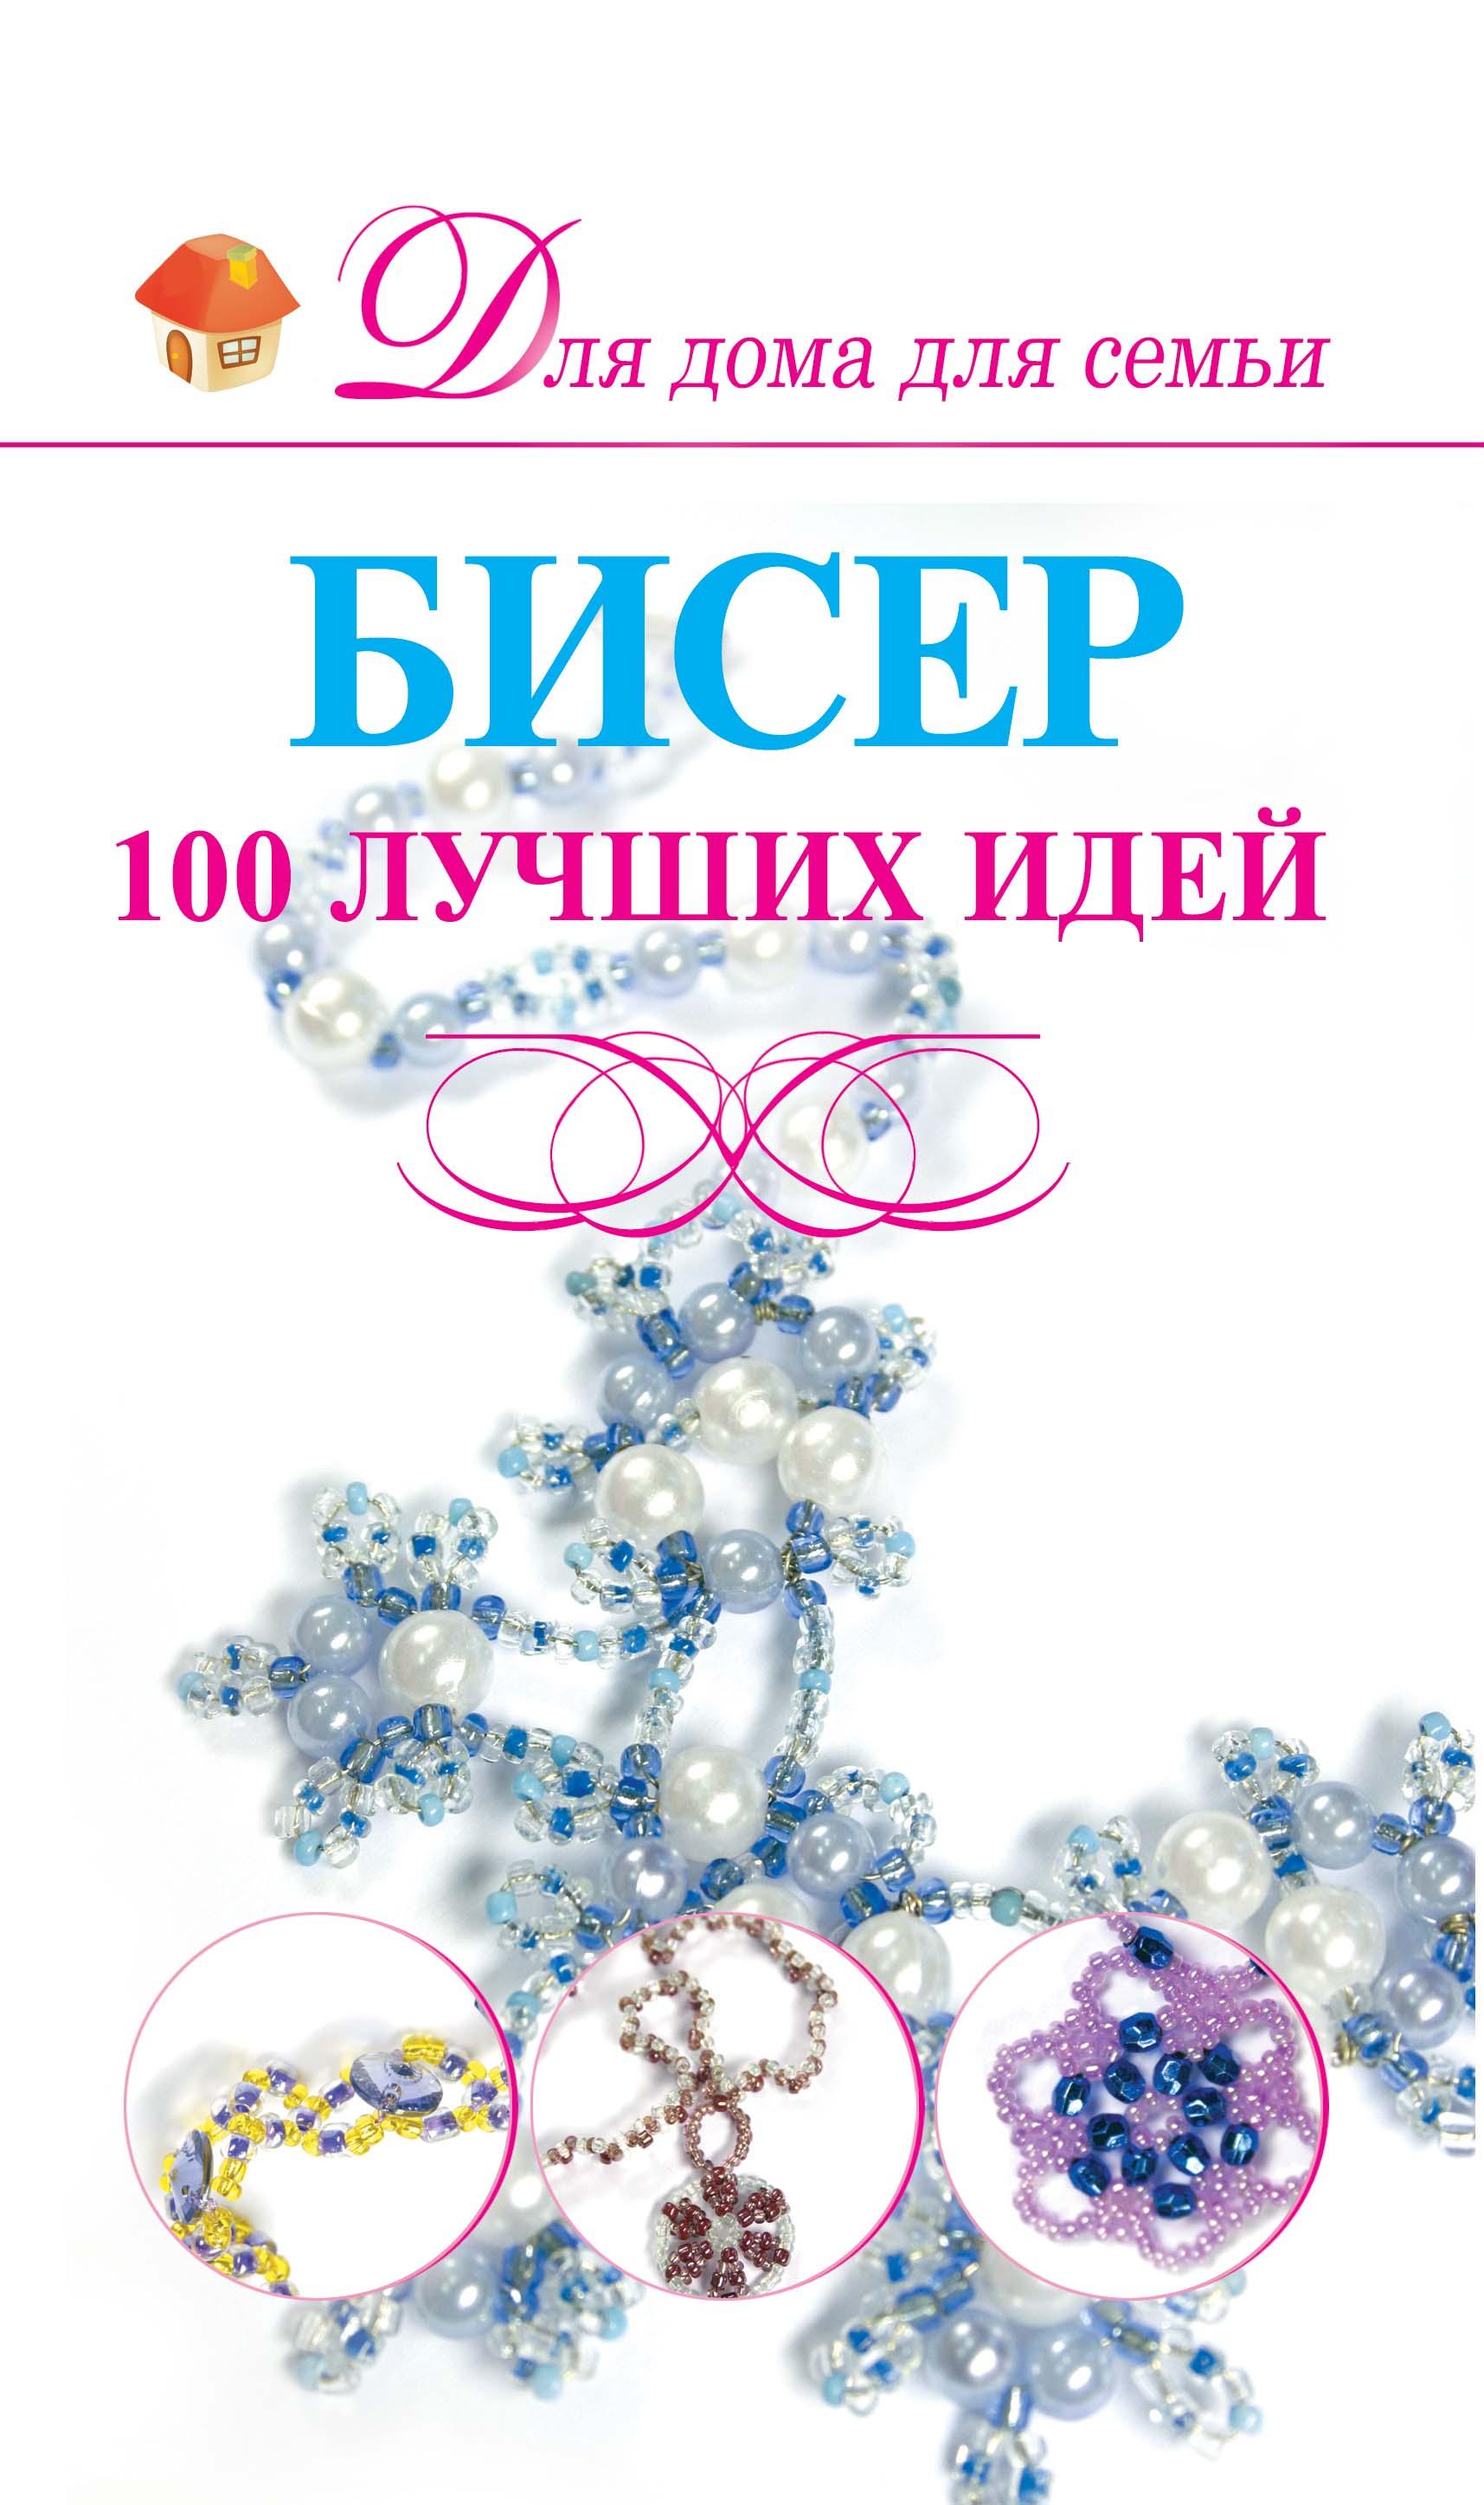 Купить книгу Бисер. 100 лучших идей, автора Анны Мурзиной